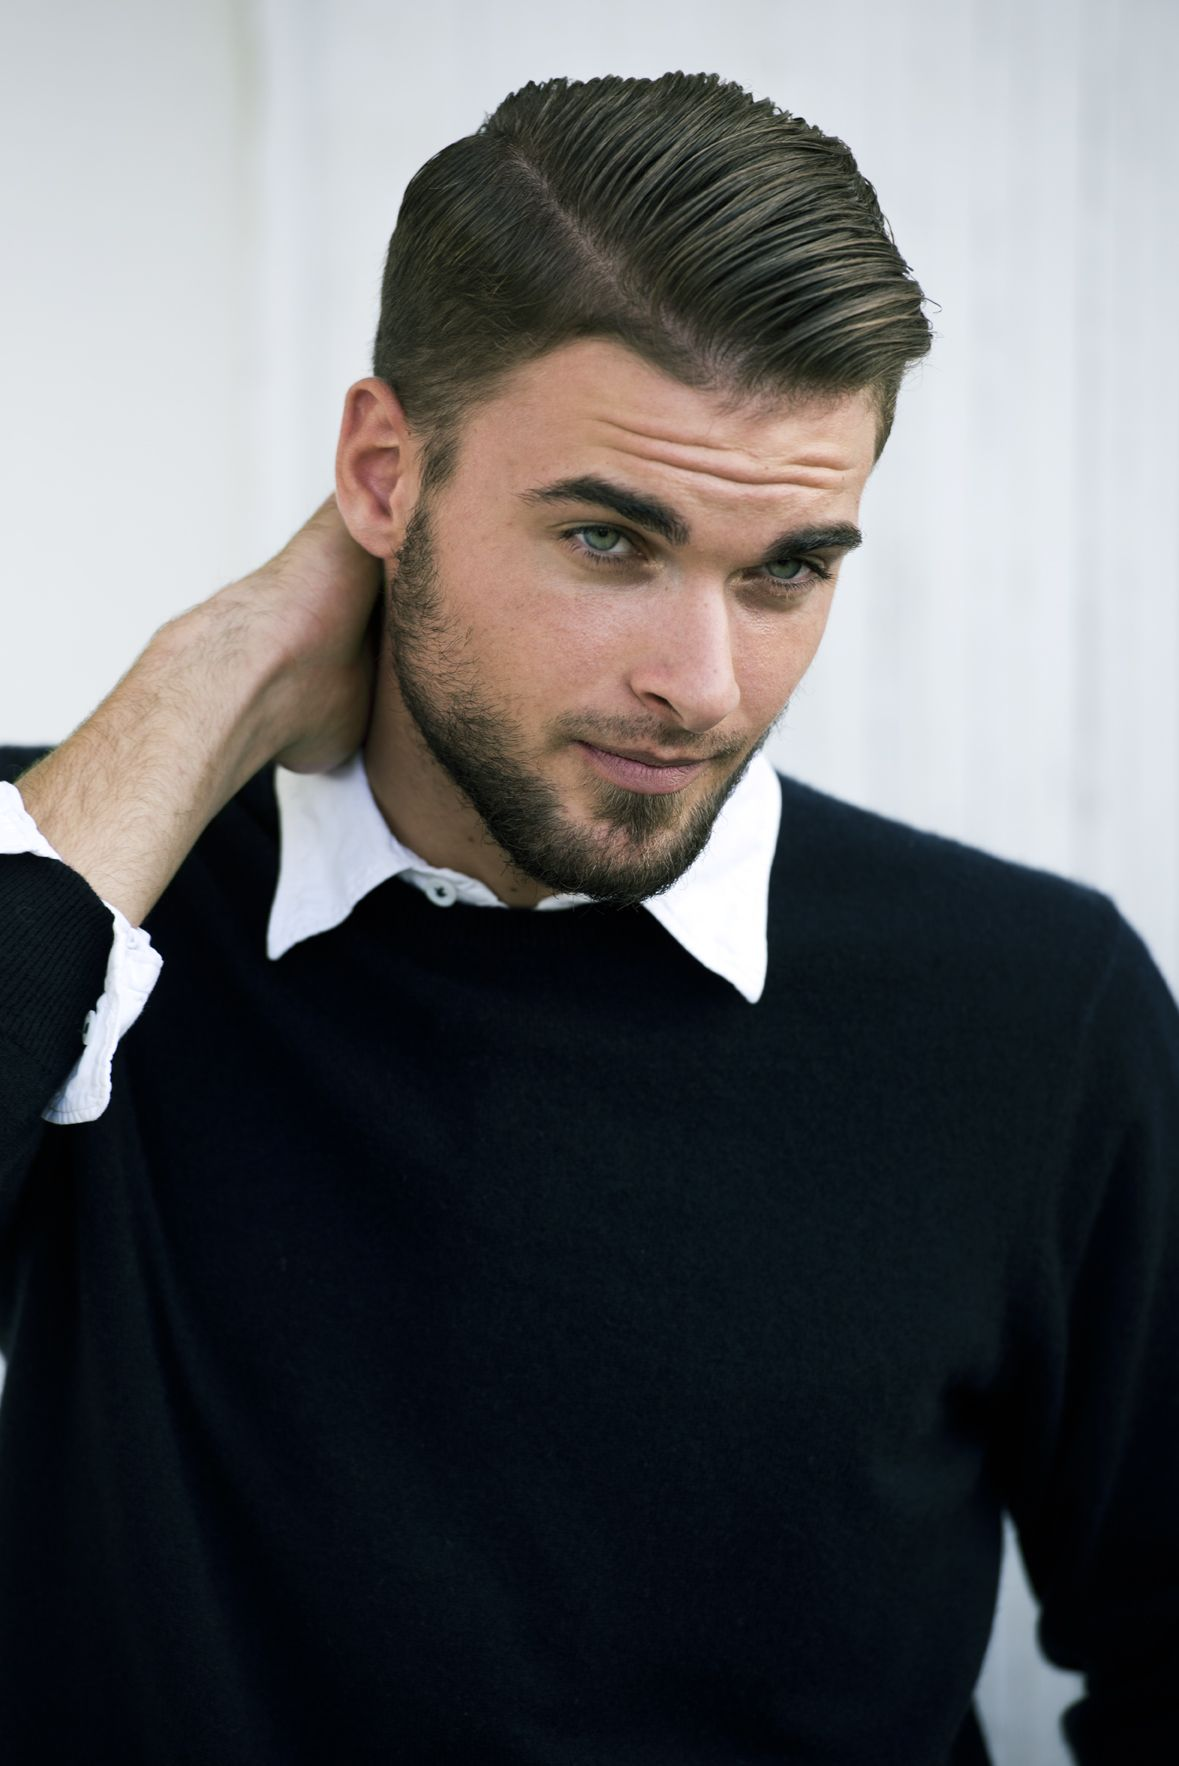 Epingle Par Mod S Hair Sur Collection Mod S Hair Homme Coiffure Homme Raie Coiffure Homme Court Coiffure Homme